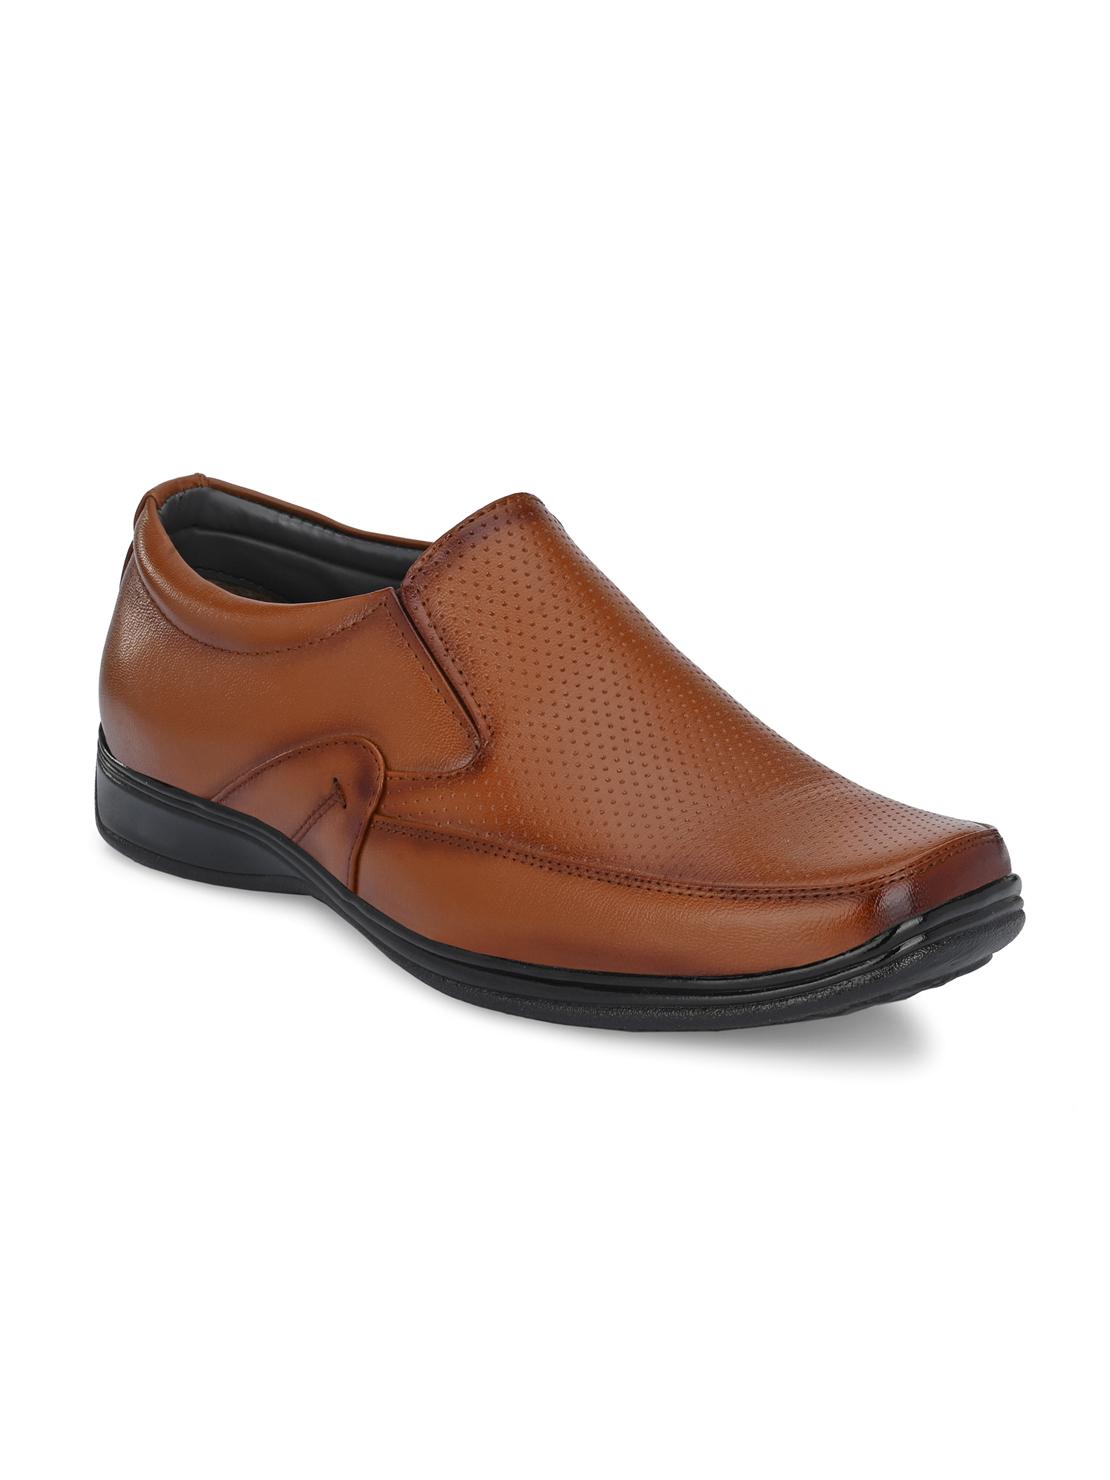 Guava | Guava Men's Square Toe Tan Slip-On Formal Shoes - 6 (UK)